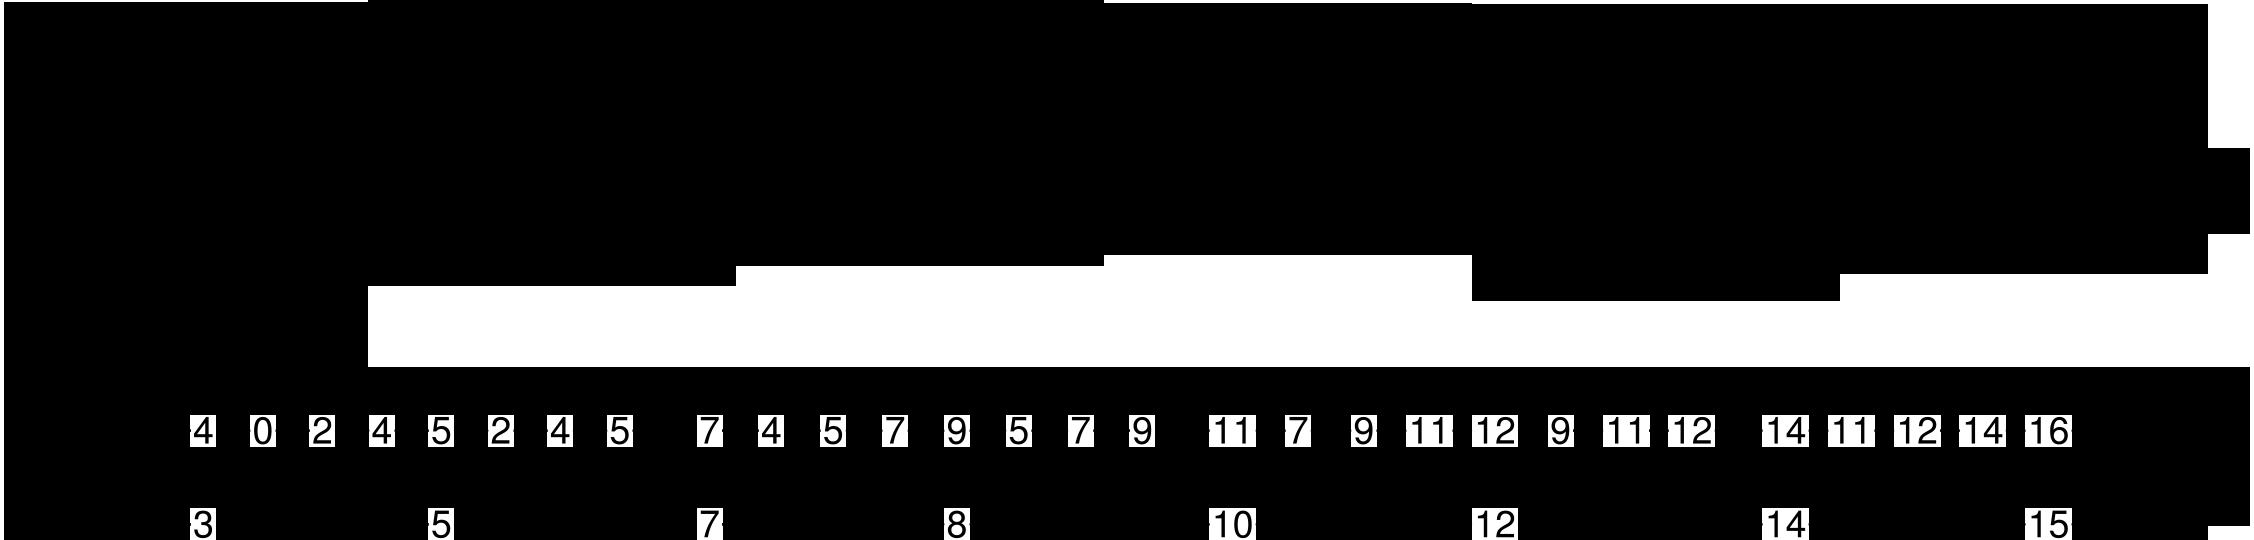 Martin Taylor Chord Melody Example 2c